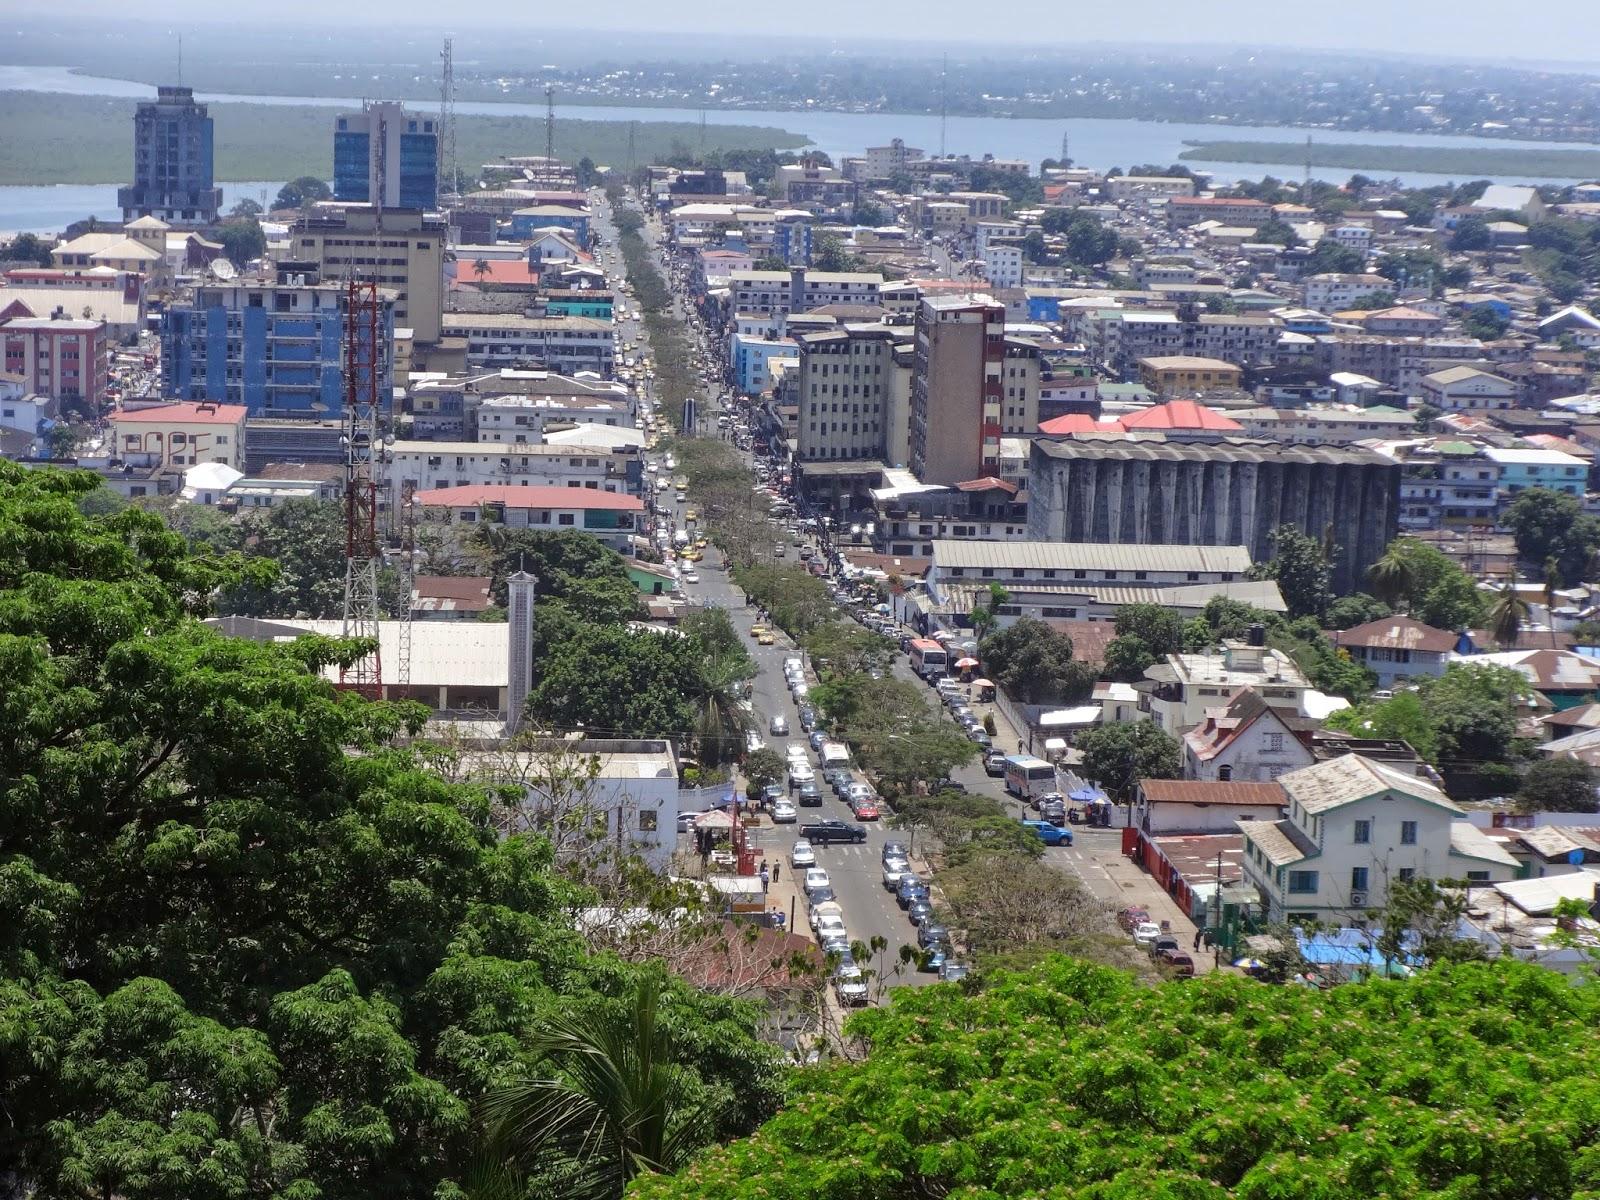 MONROVIA - THE CAPITAL OF LIBERIA